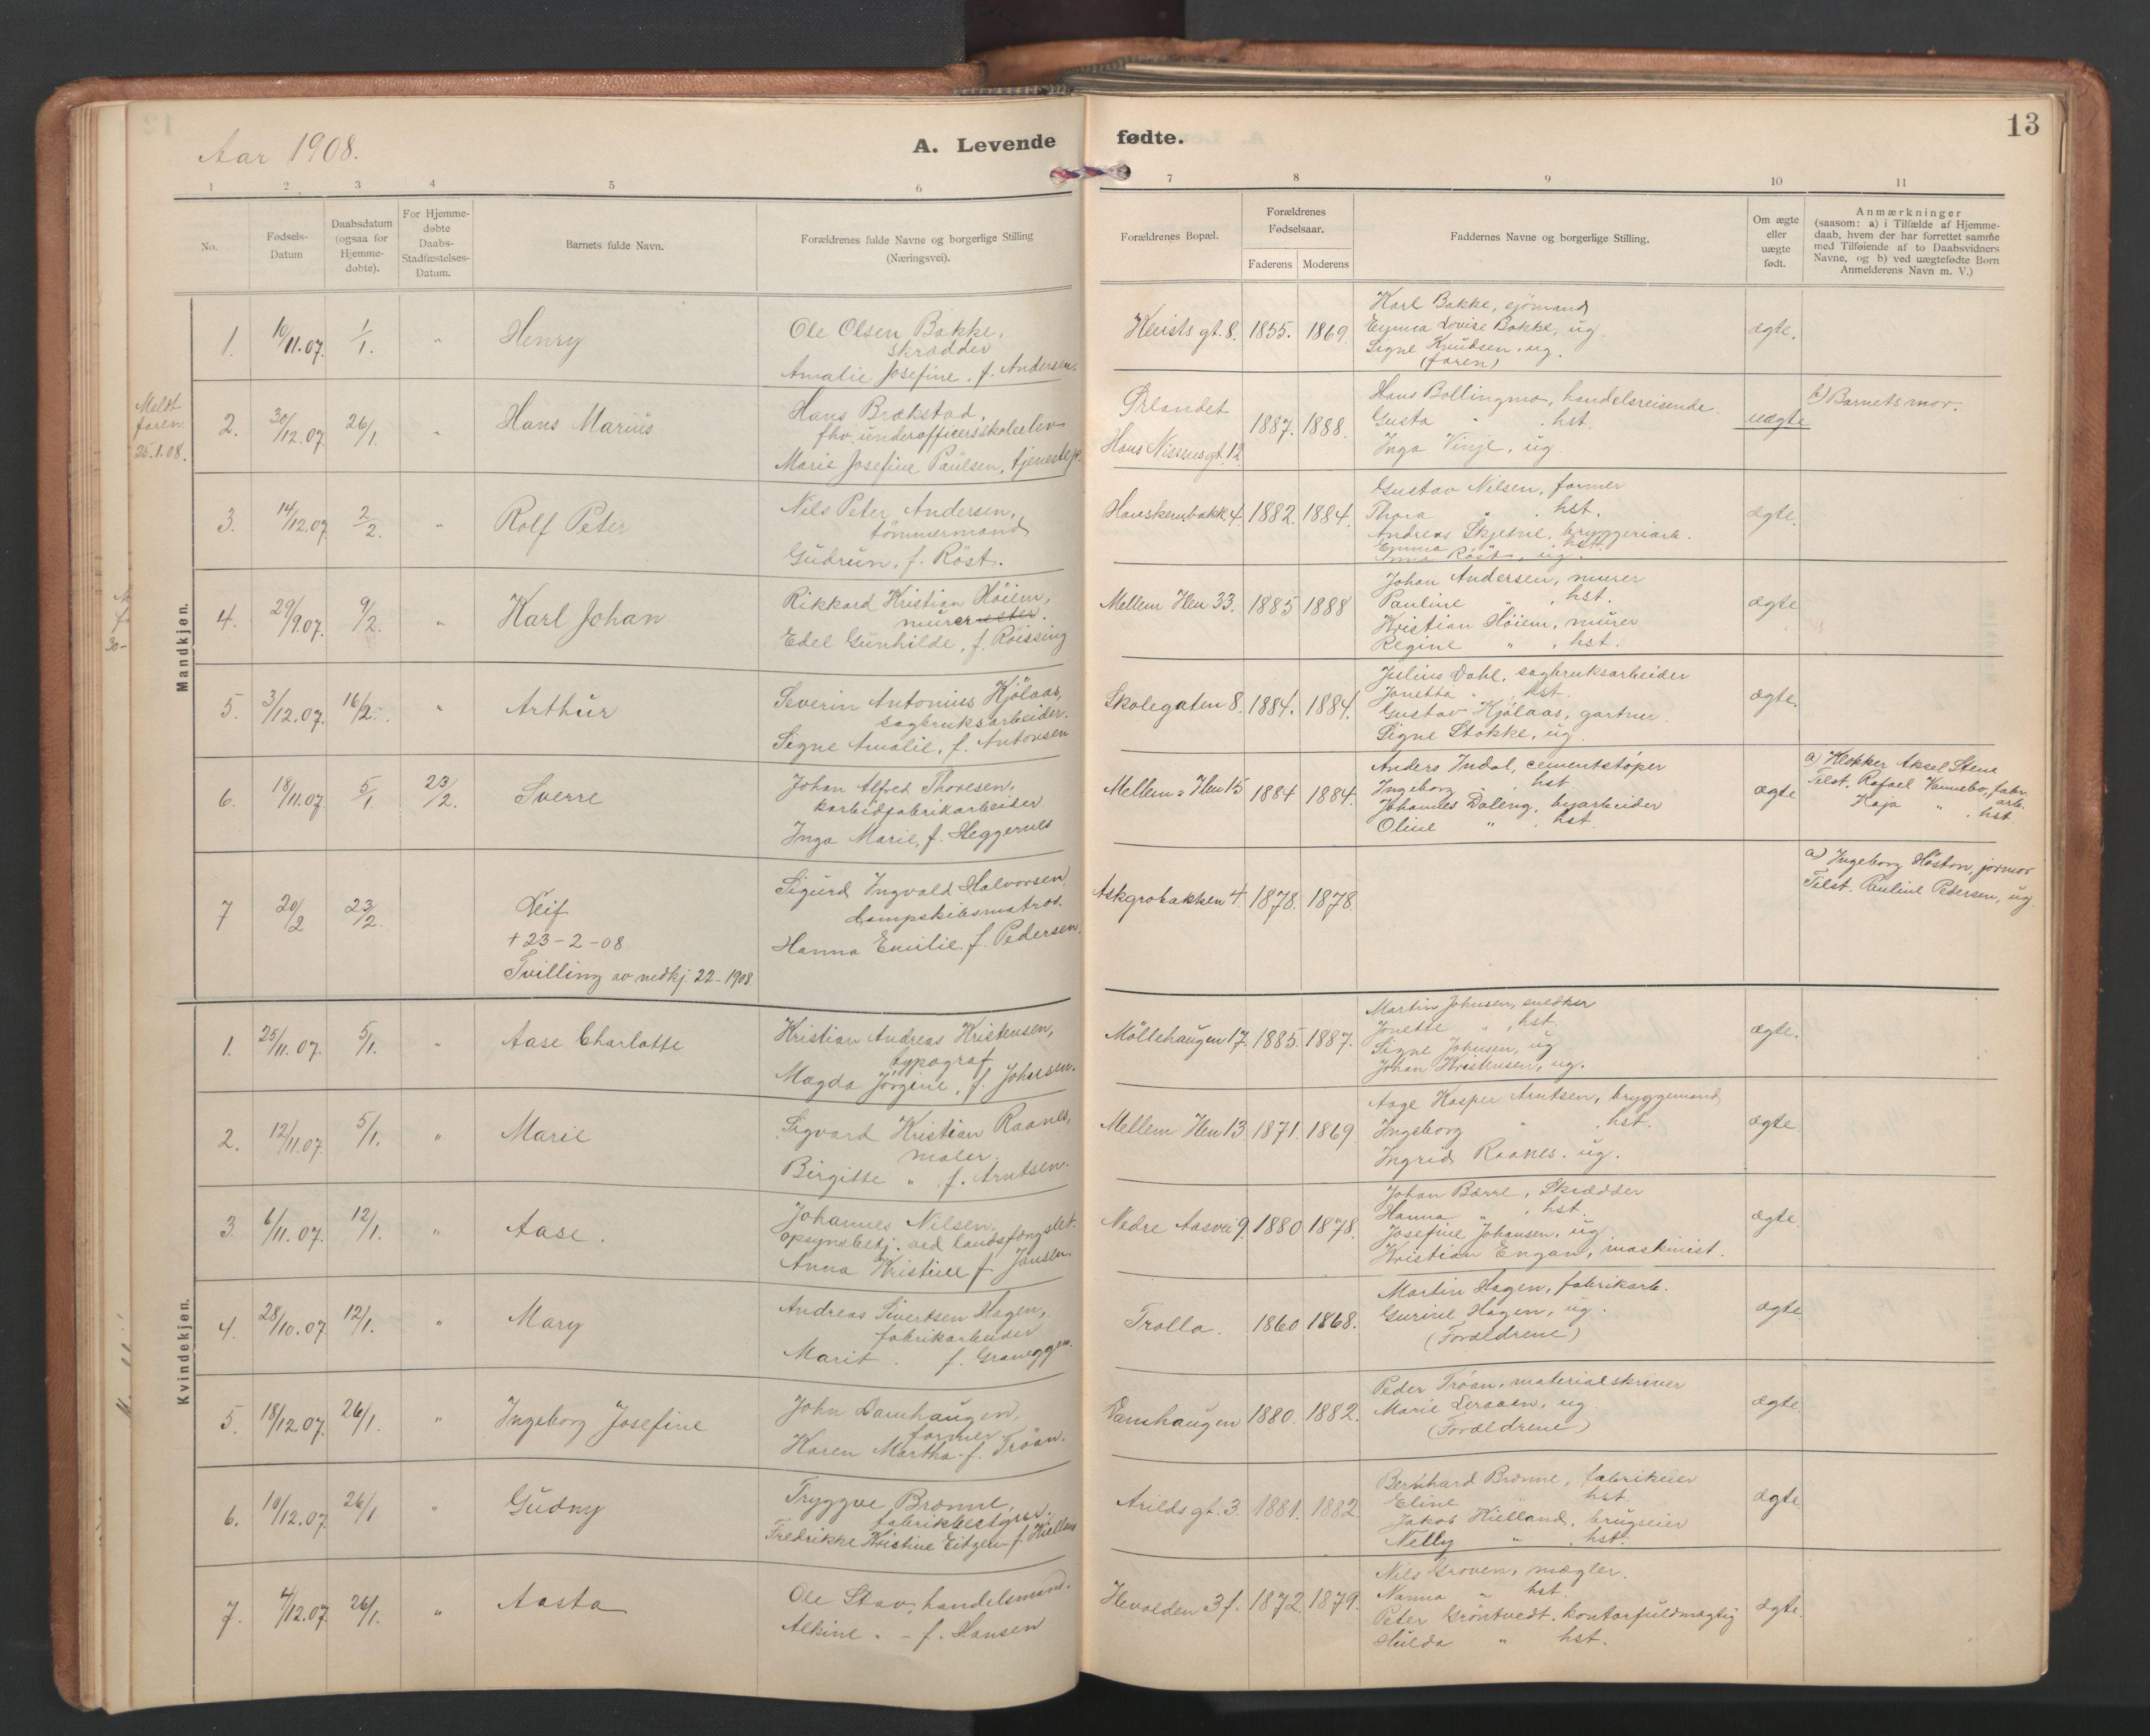 SAT, Ministerialprotokoller, klokkerbøker og fødselsregistre - Sør-Trøndelag, 603/L0173: Klokkerbok nr. 603C01, 1907-1962, s. 13